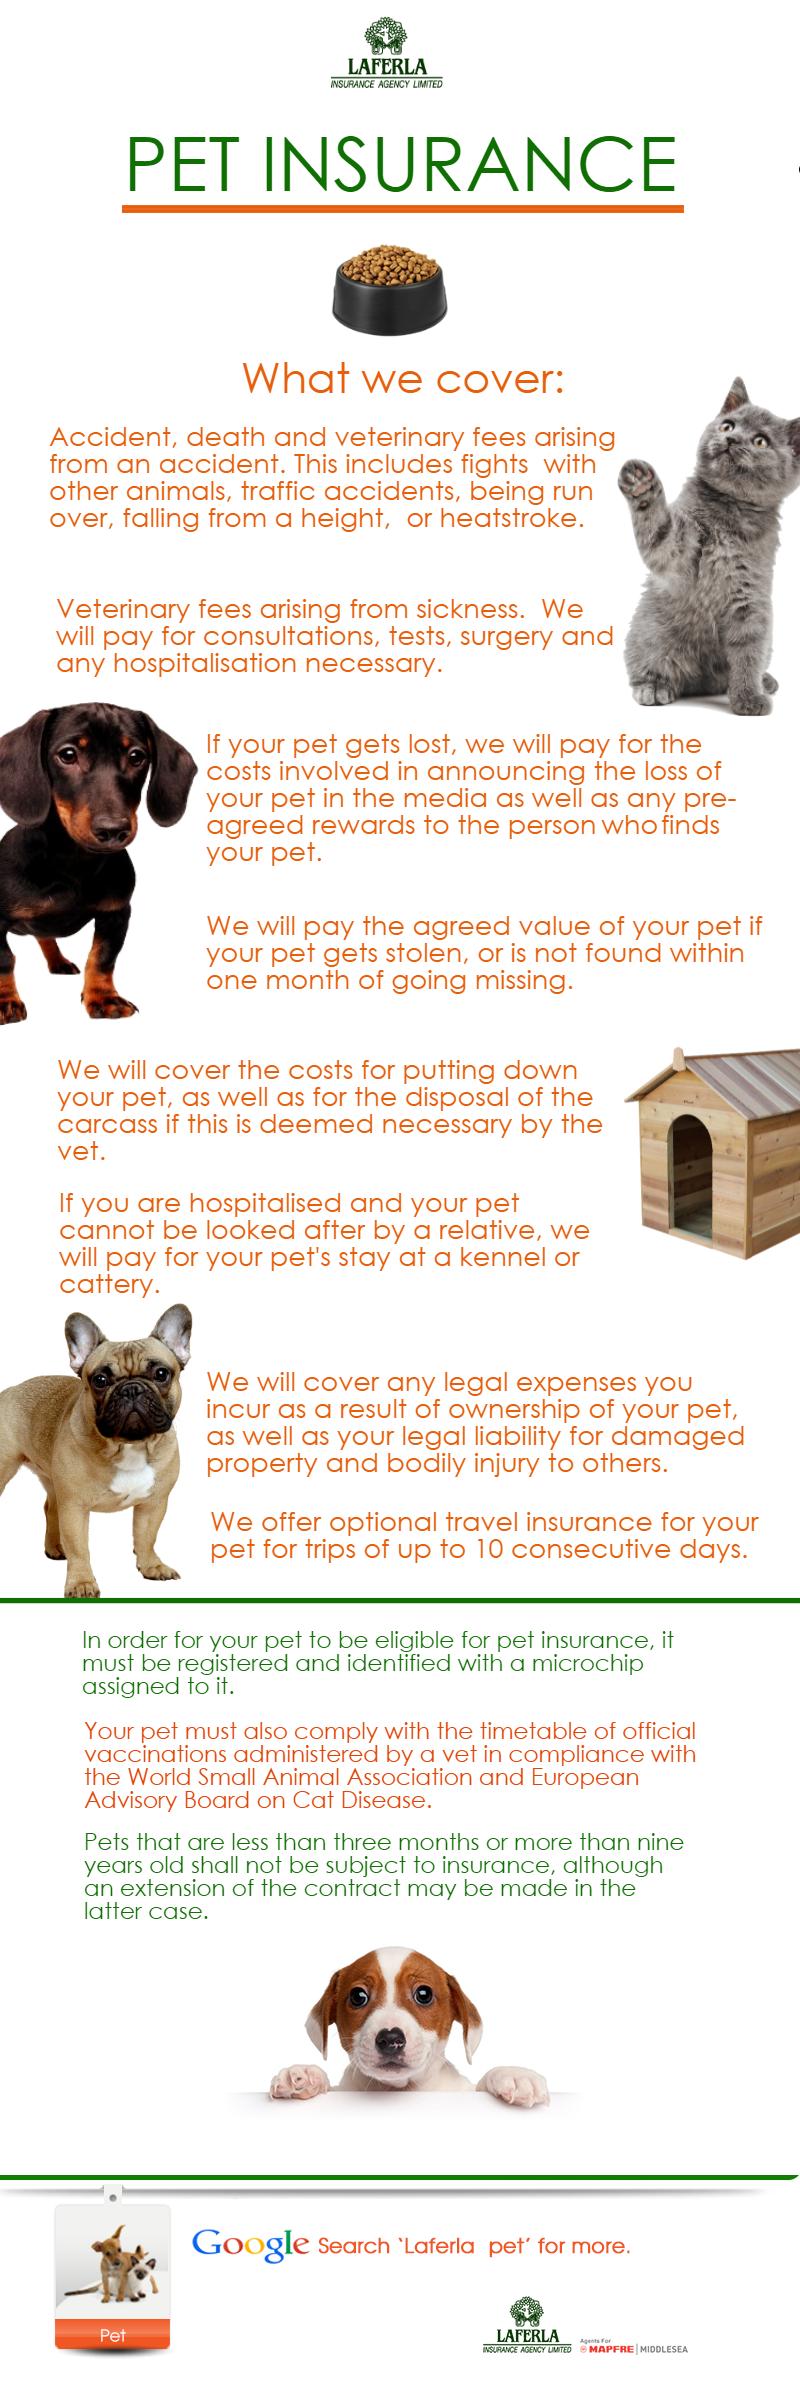 Laferla-Pet-Insurance